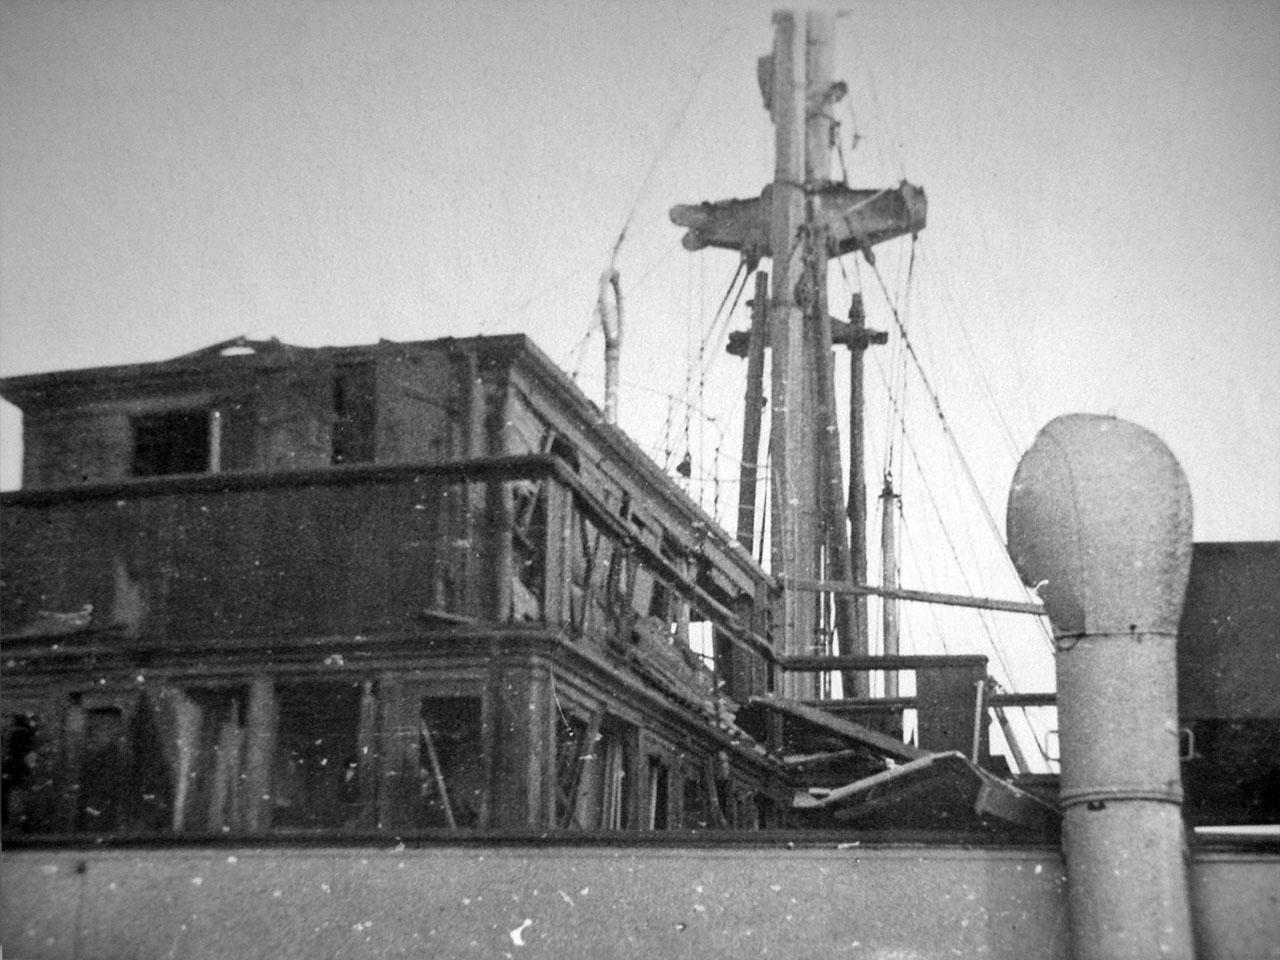 Повреждения на капитанском мостике парохода «Минск». Магаданский торговый порт. Последствия взрывов пароходов 19 декабря 1947 года.